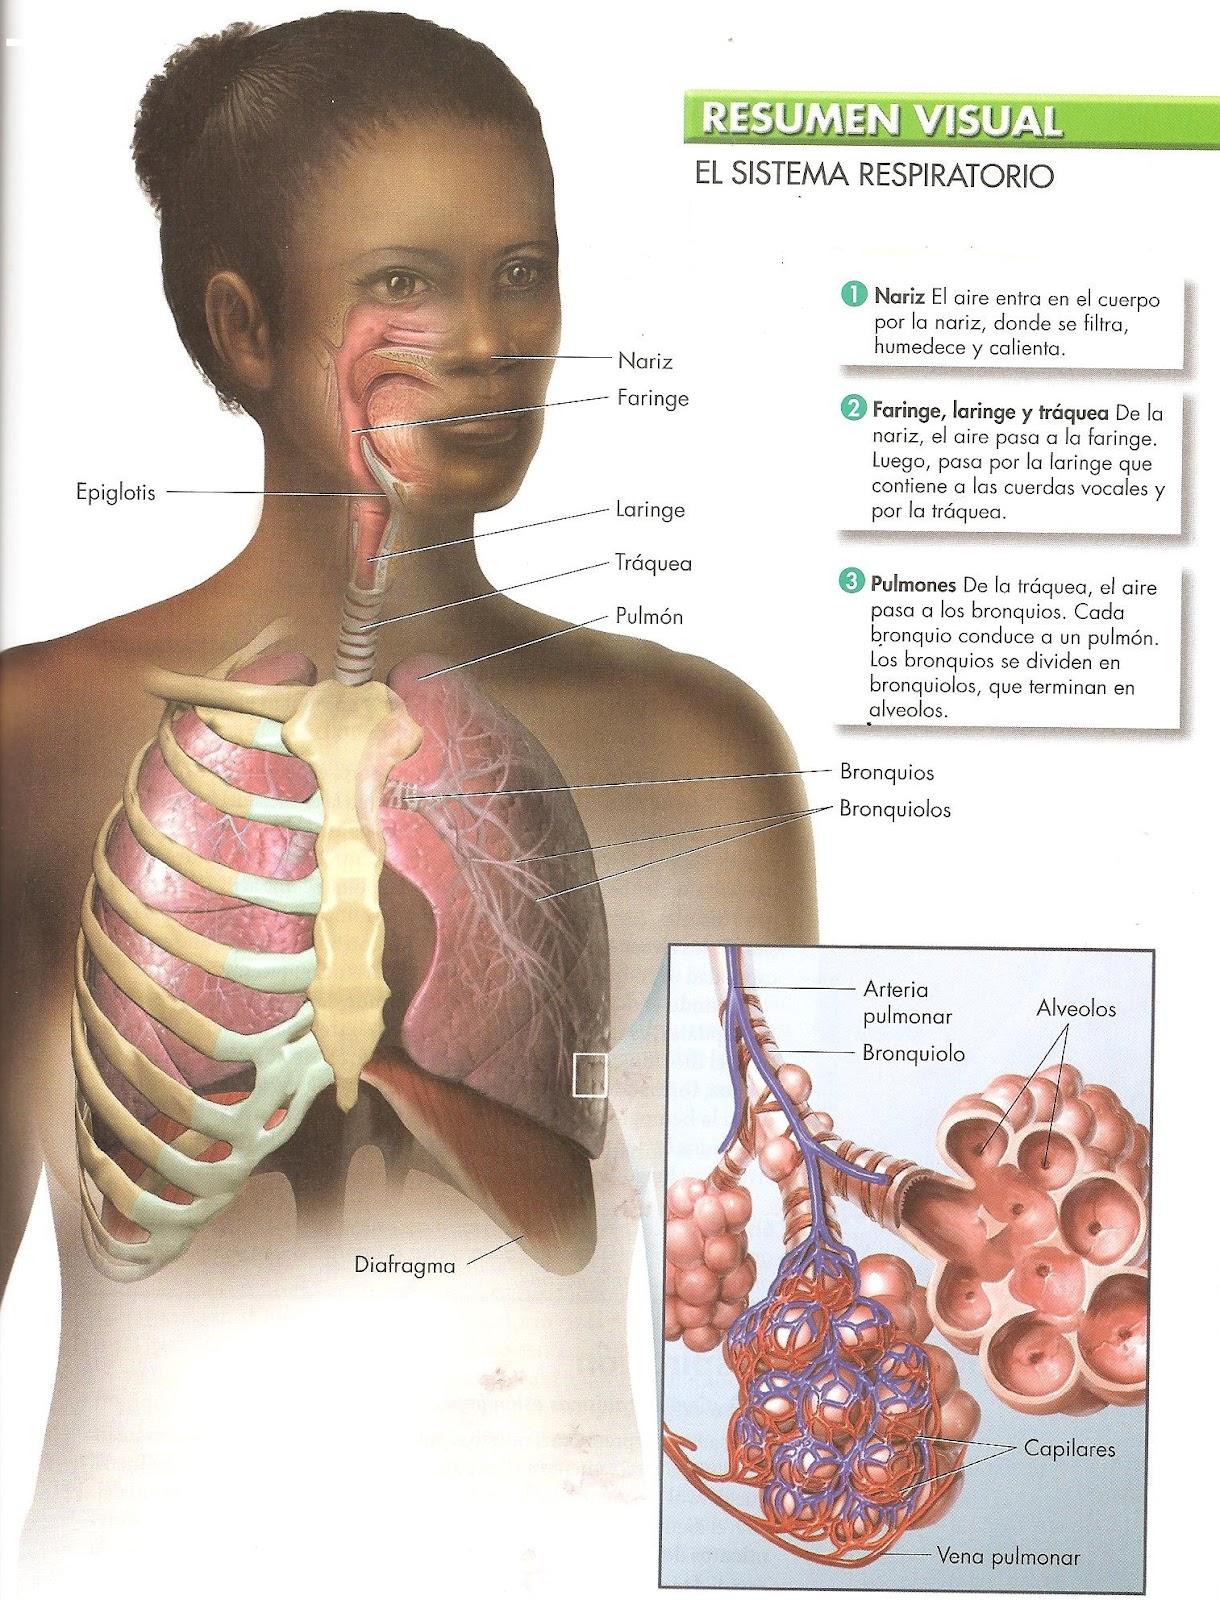 ANATOMIA.FISOLOGIA Y EDUCACION PARA LA SALUD: Sistema Respiratorio